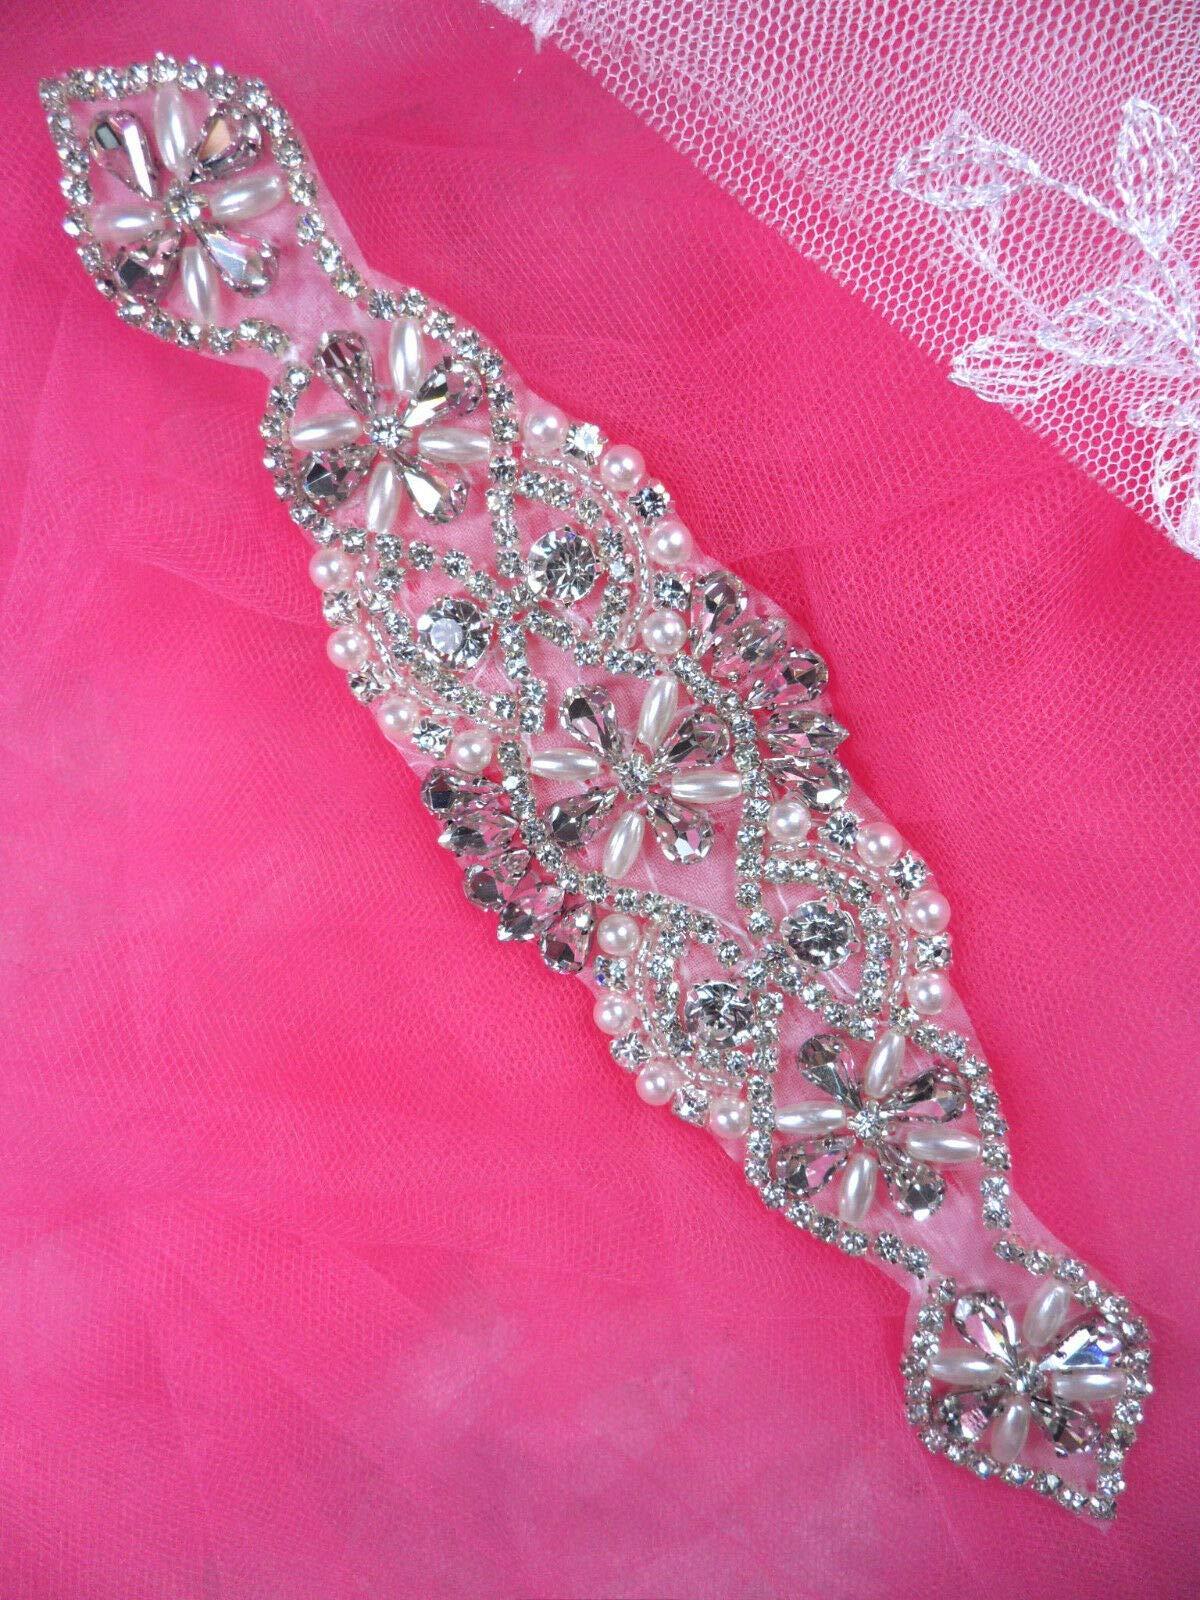 XR323 Bridal Sash Motif Silver Beaded Crystal Rhinestone Applique w/Pearls 8'' by GL Appliques